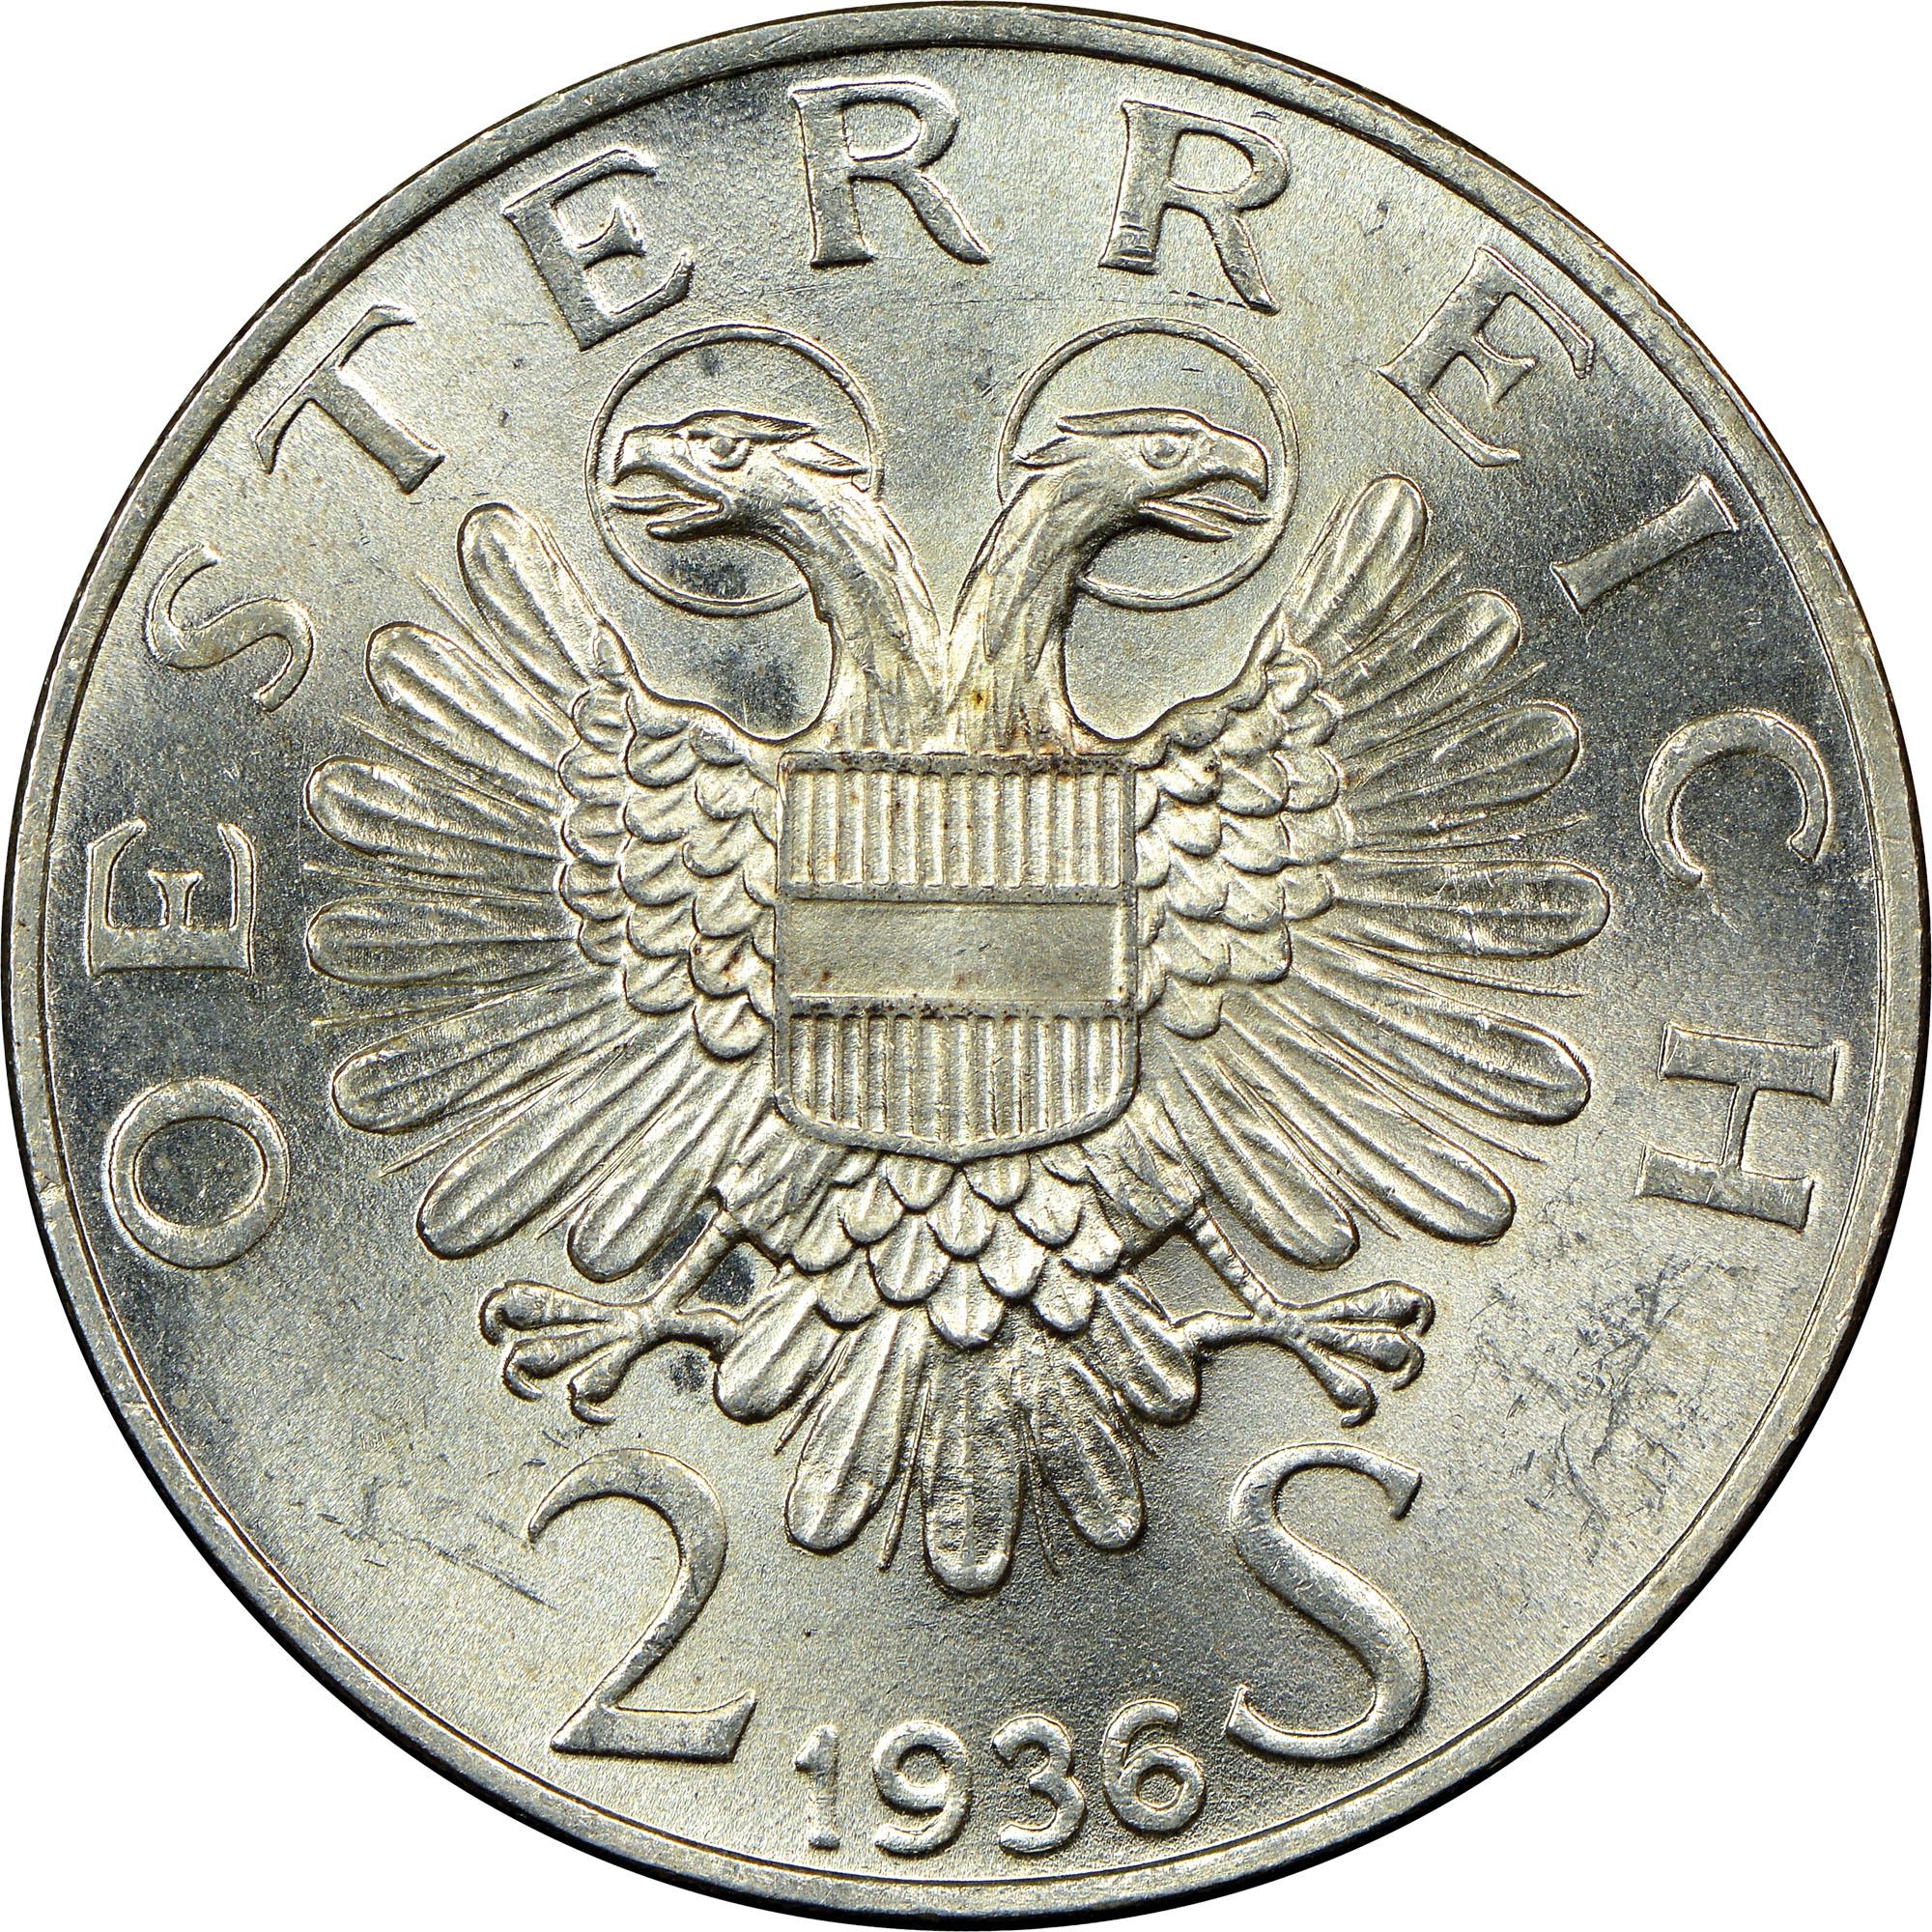 1936 Austria 2 Schilling obverse